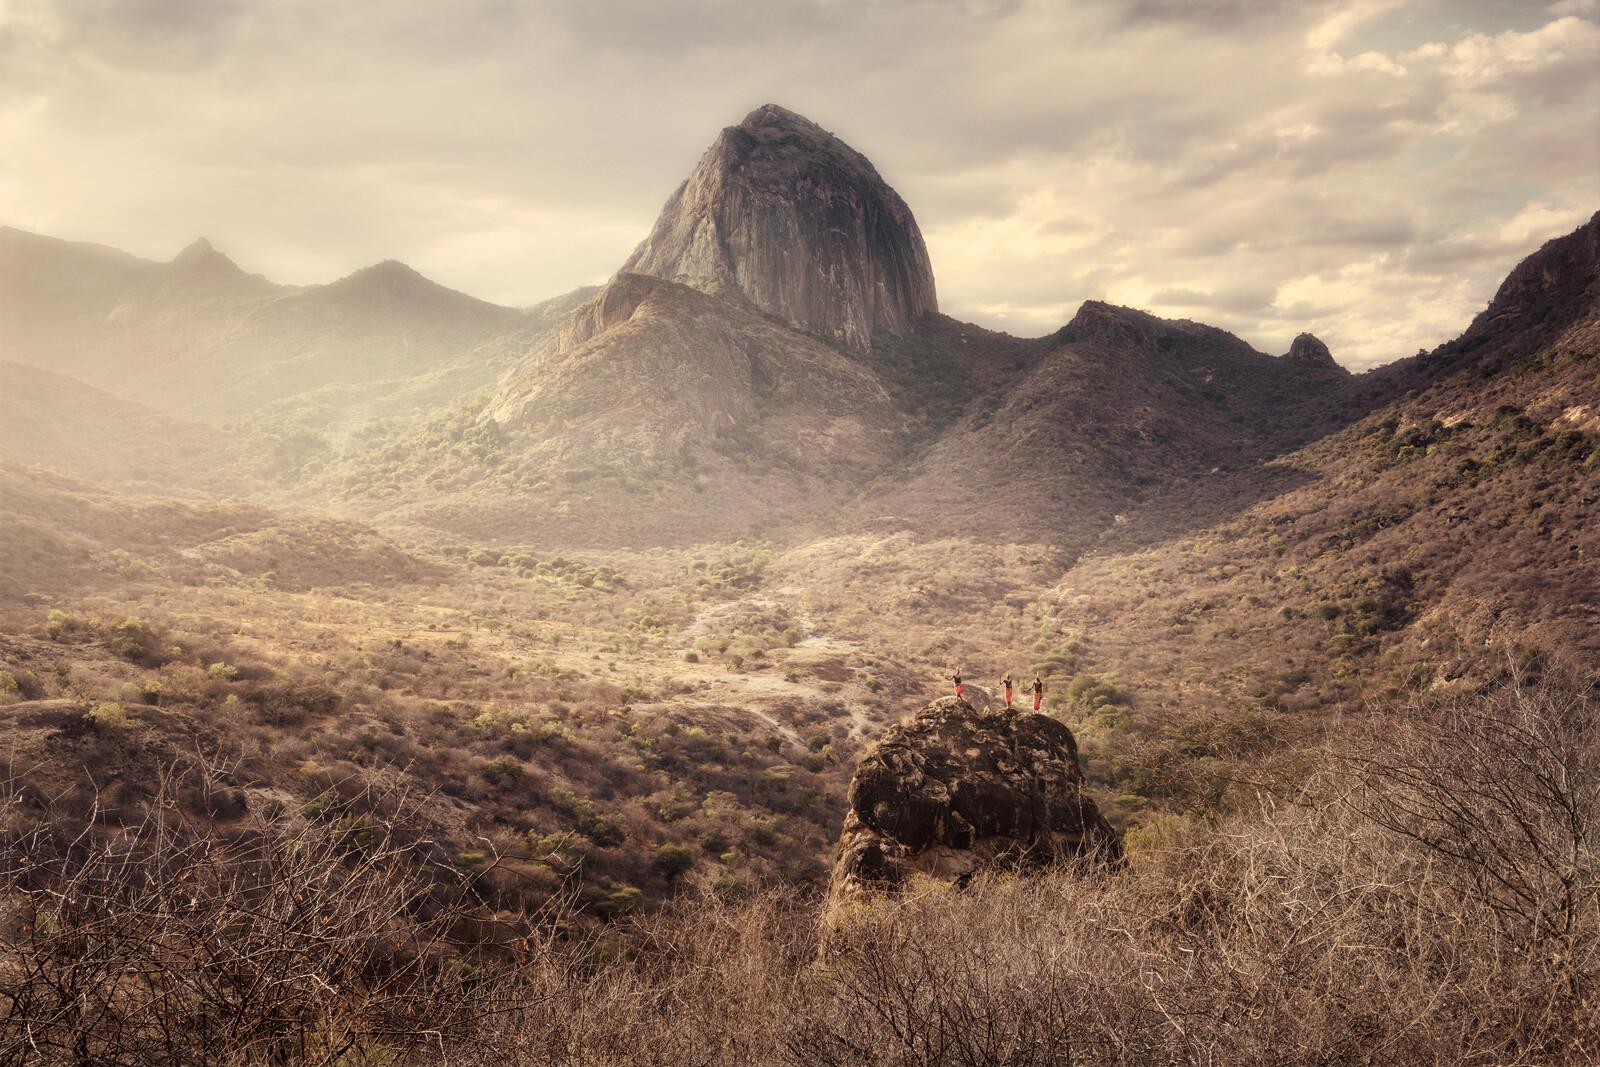 Maasai V - Daniel Kordan